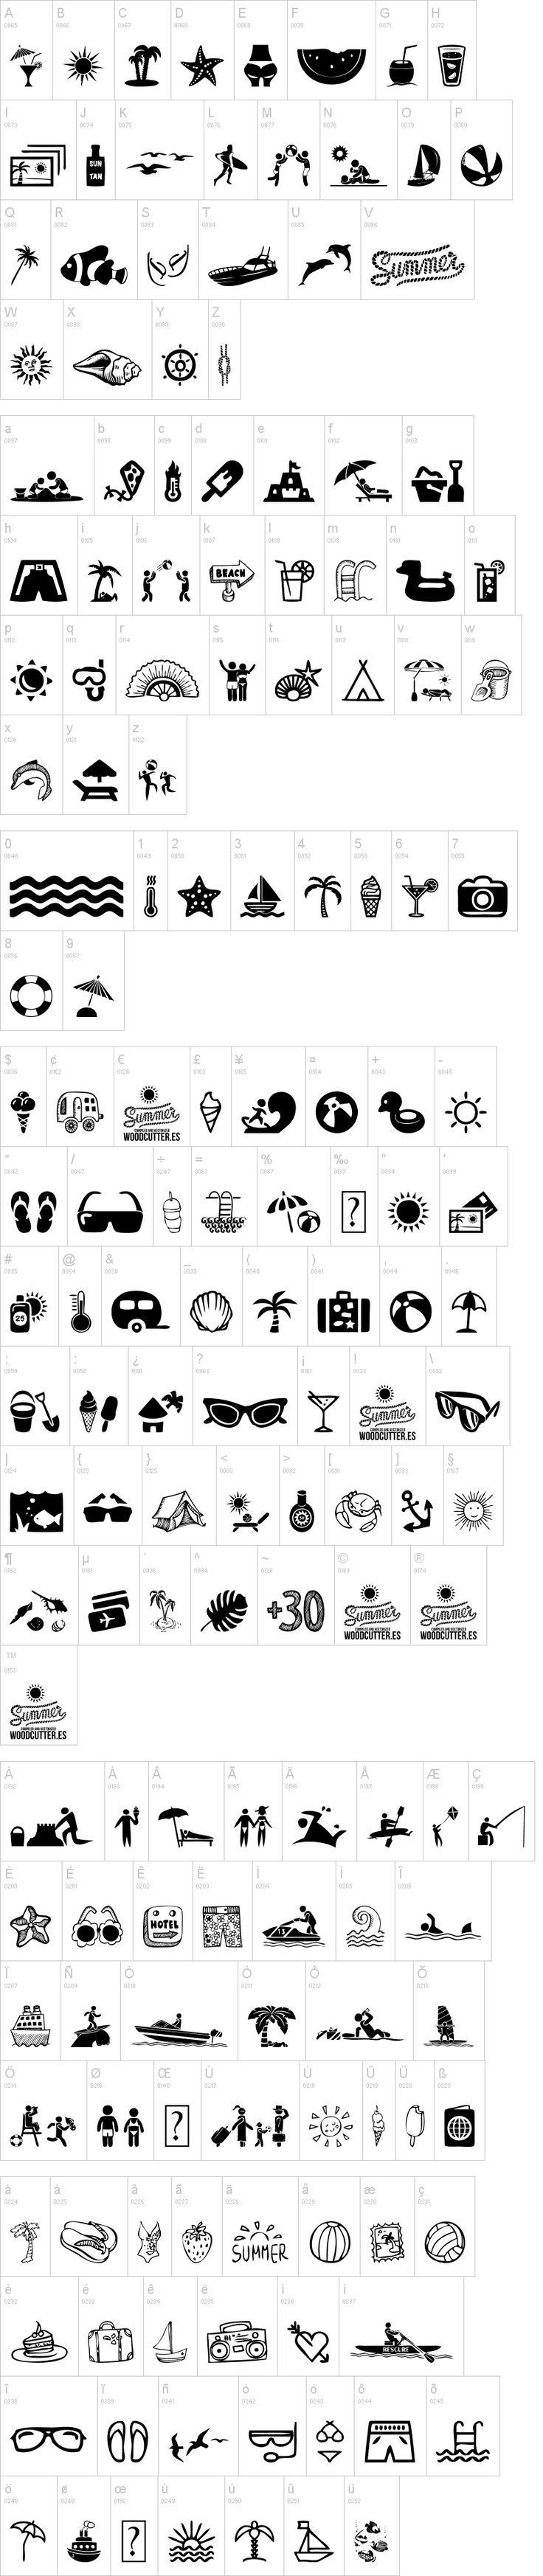 Download Free Font Evolution